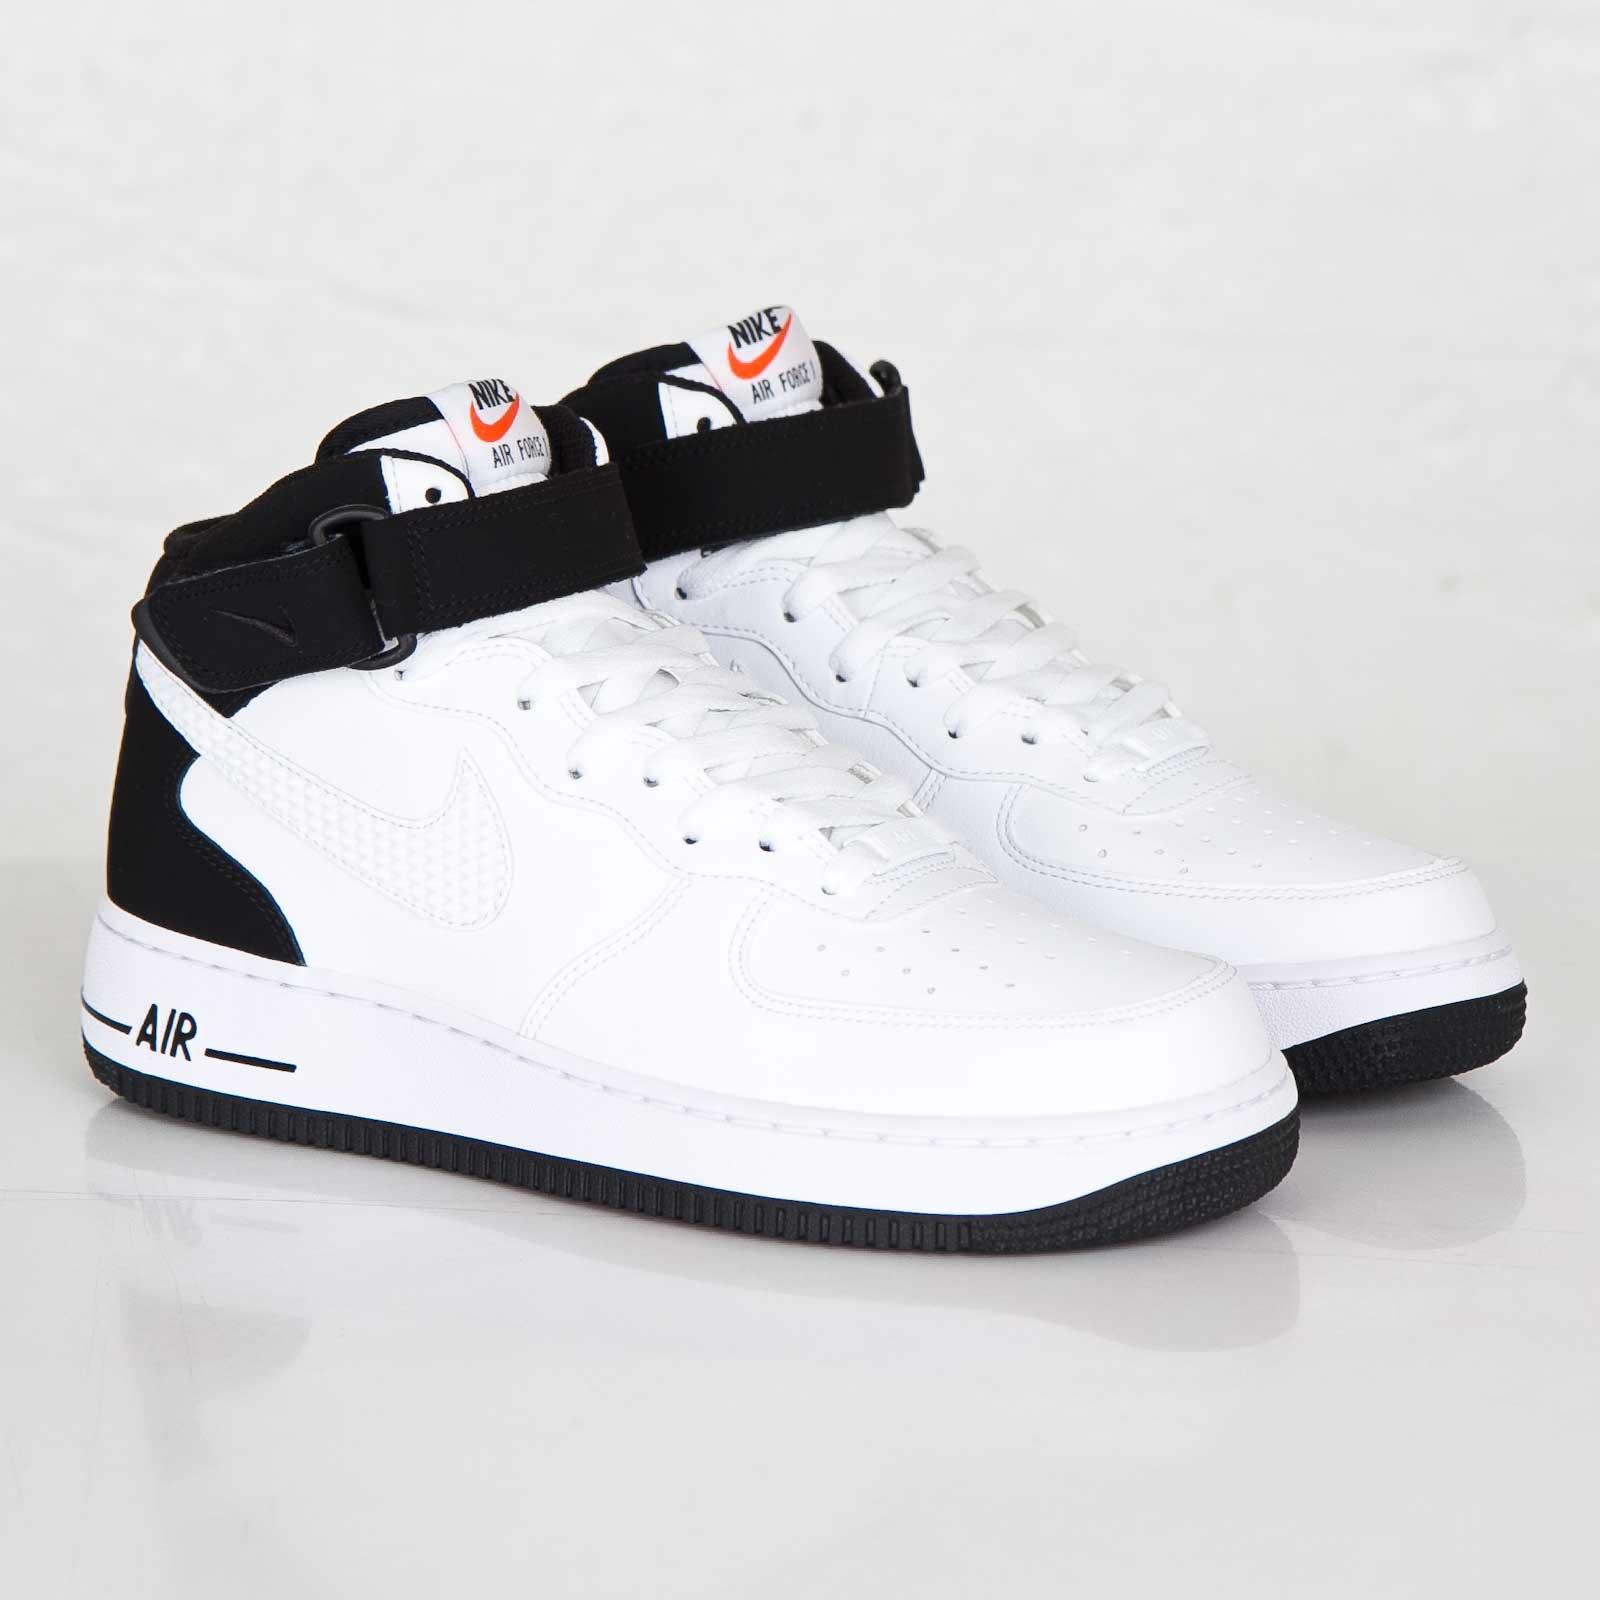 low priced ac489 cf547 Nike Air Force 1 Mid 07 - 315123-124 - Sneakersnstuff ...